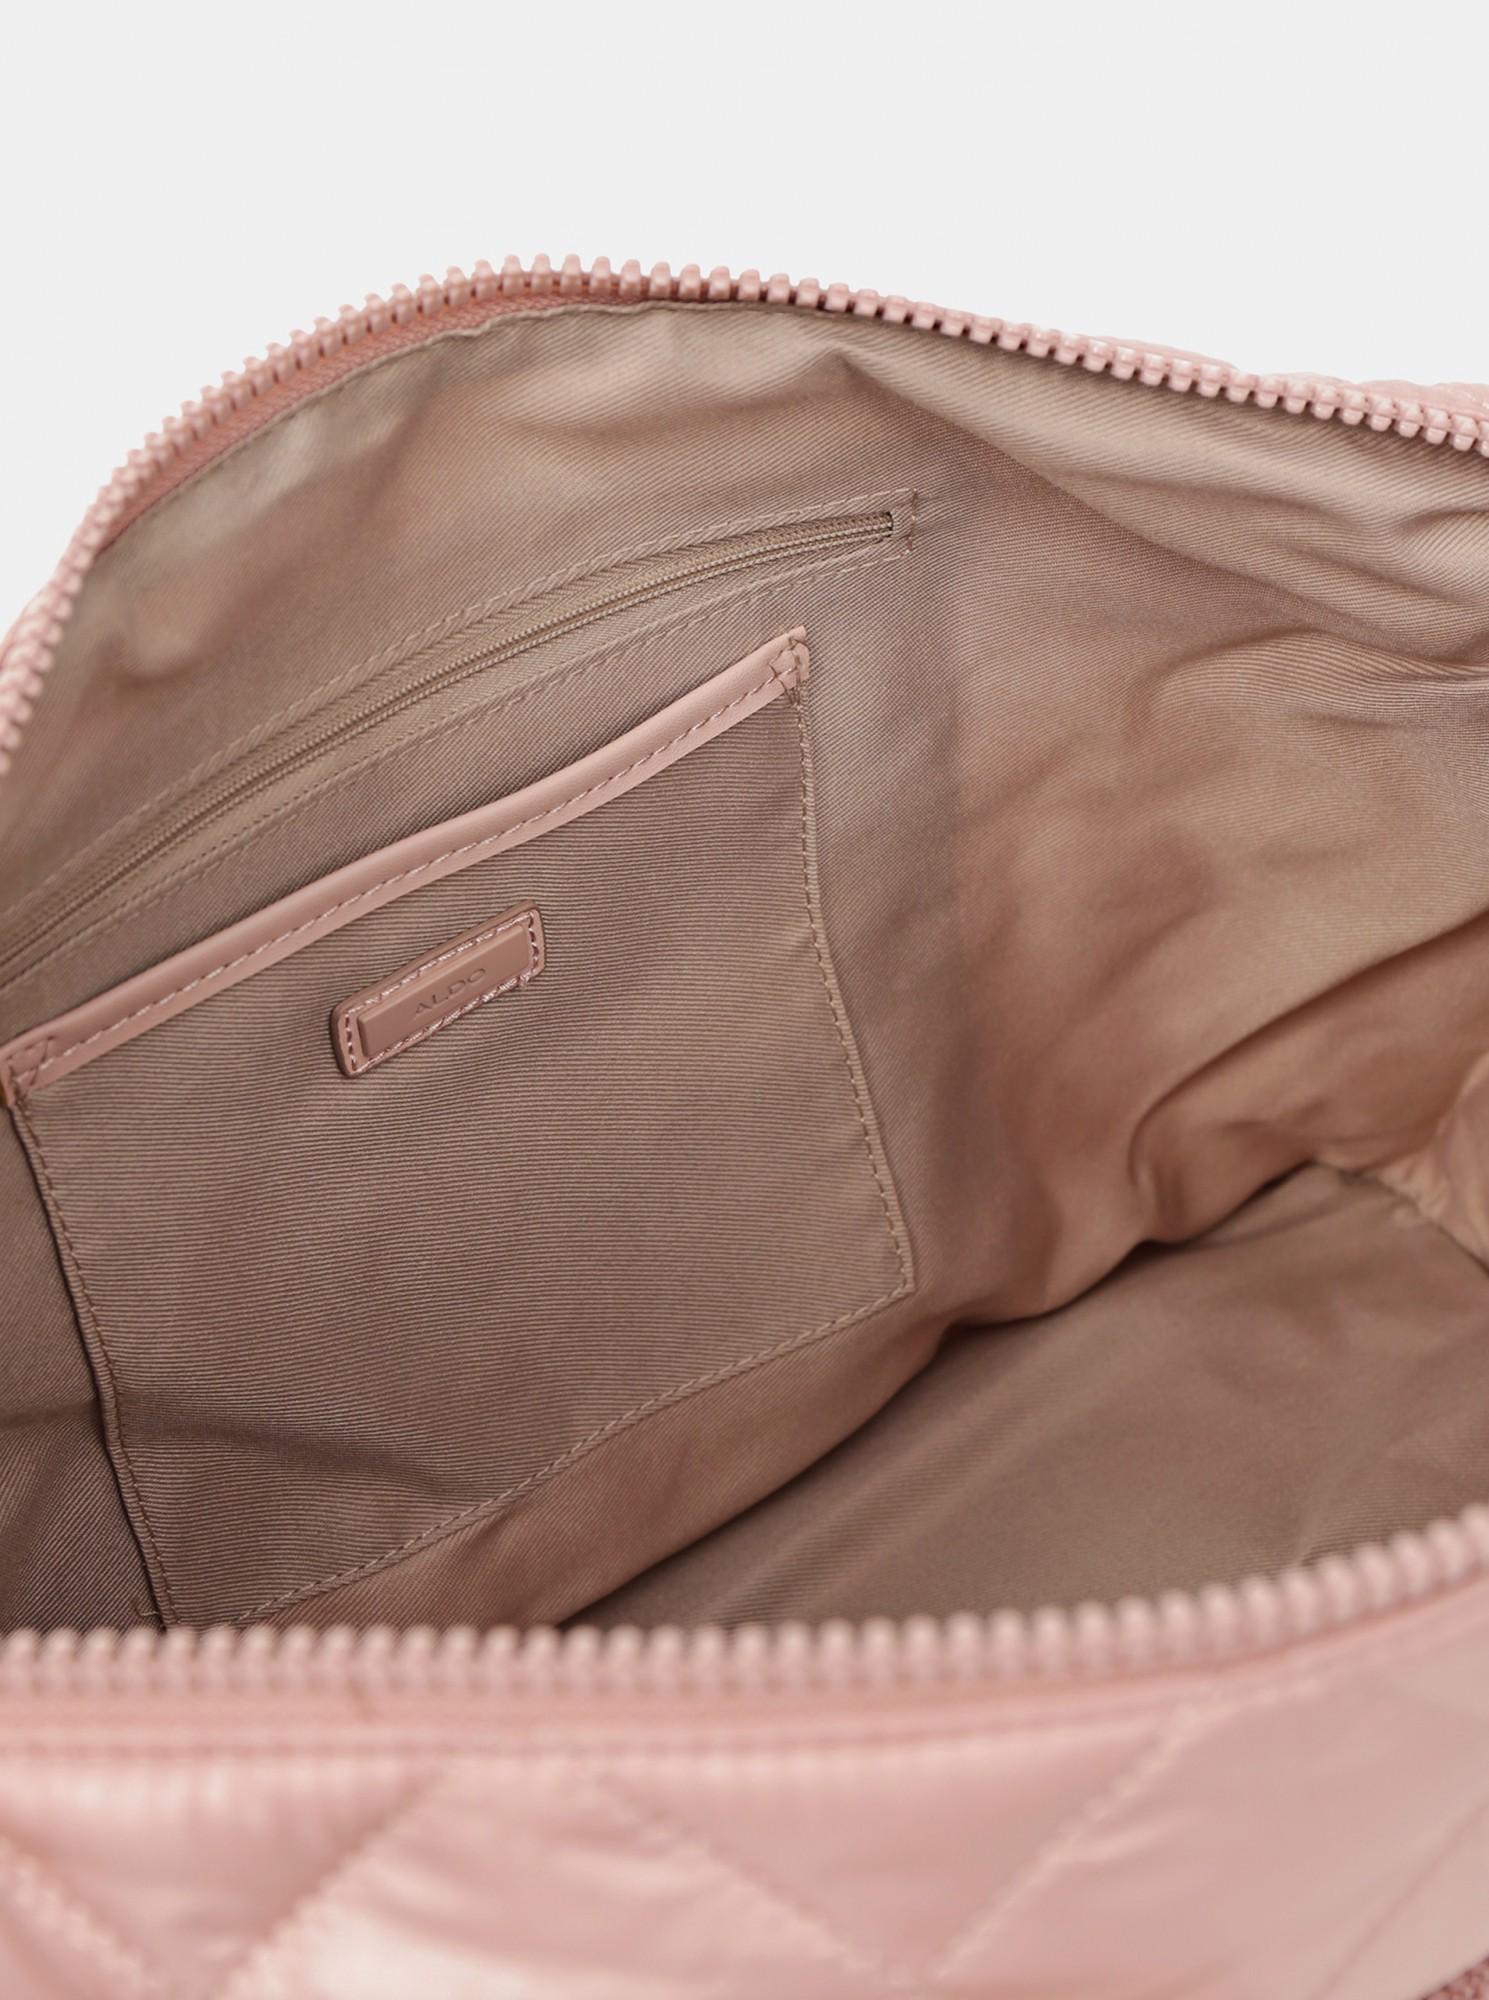 ALDO powdery bag Pilini